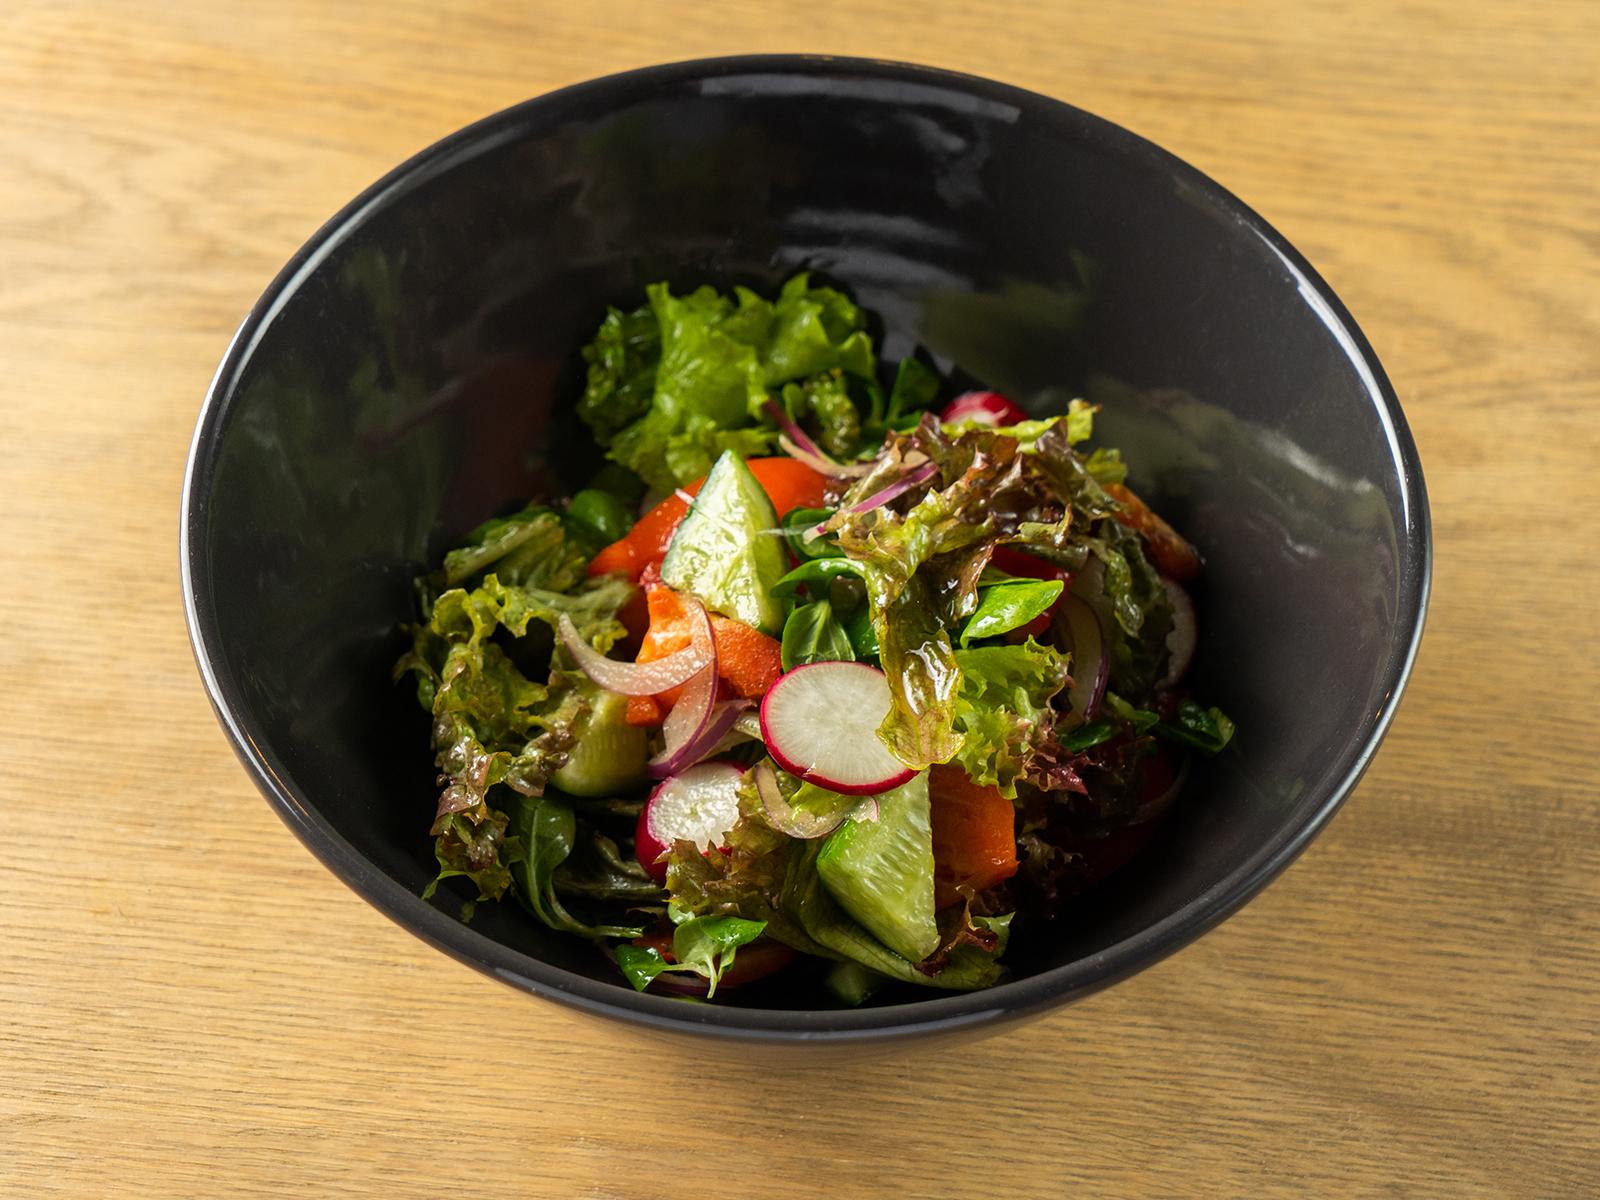 Овощной салат со сметаной или оливковым маслом